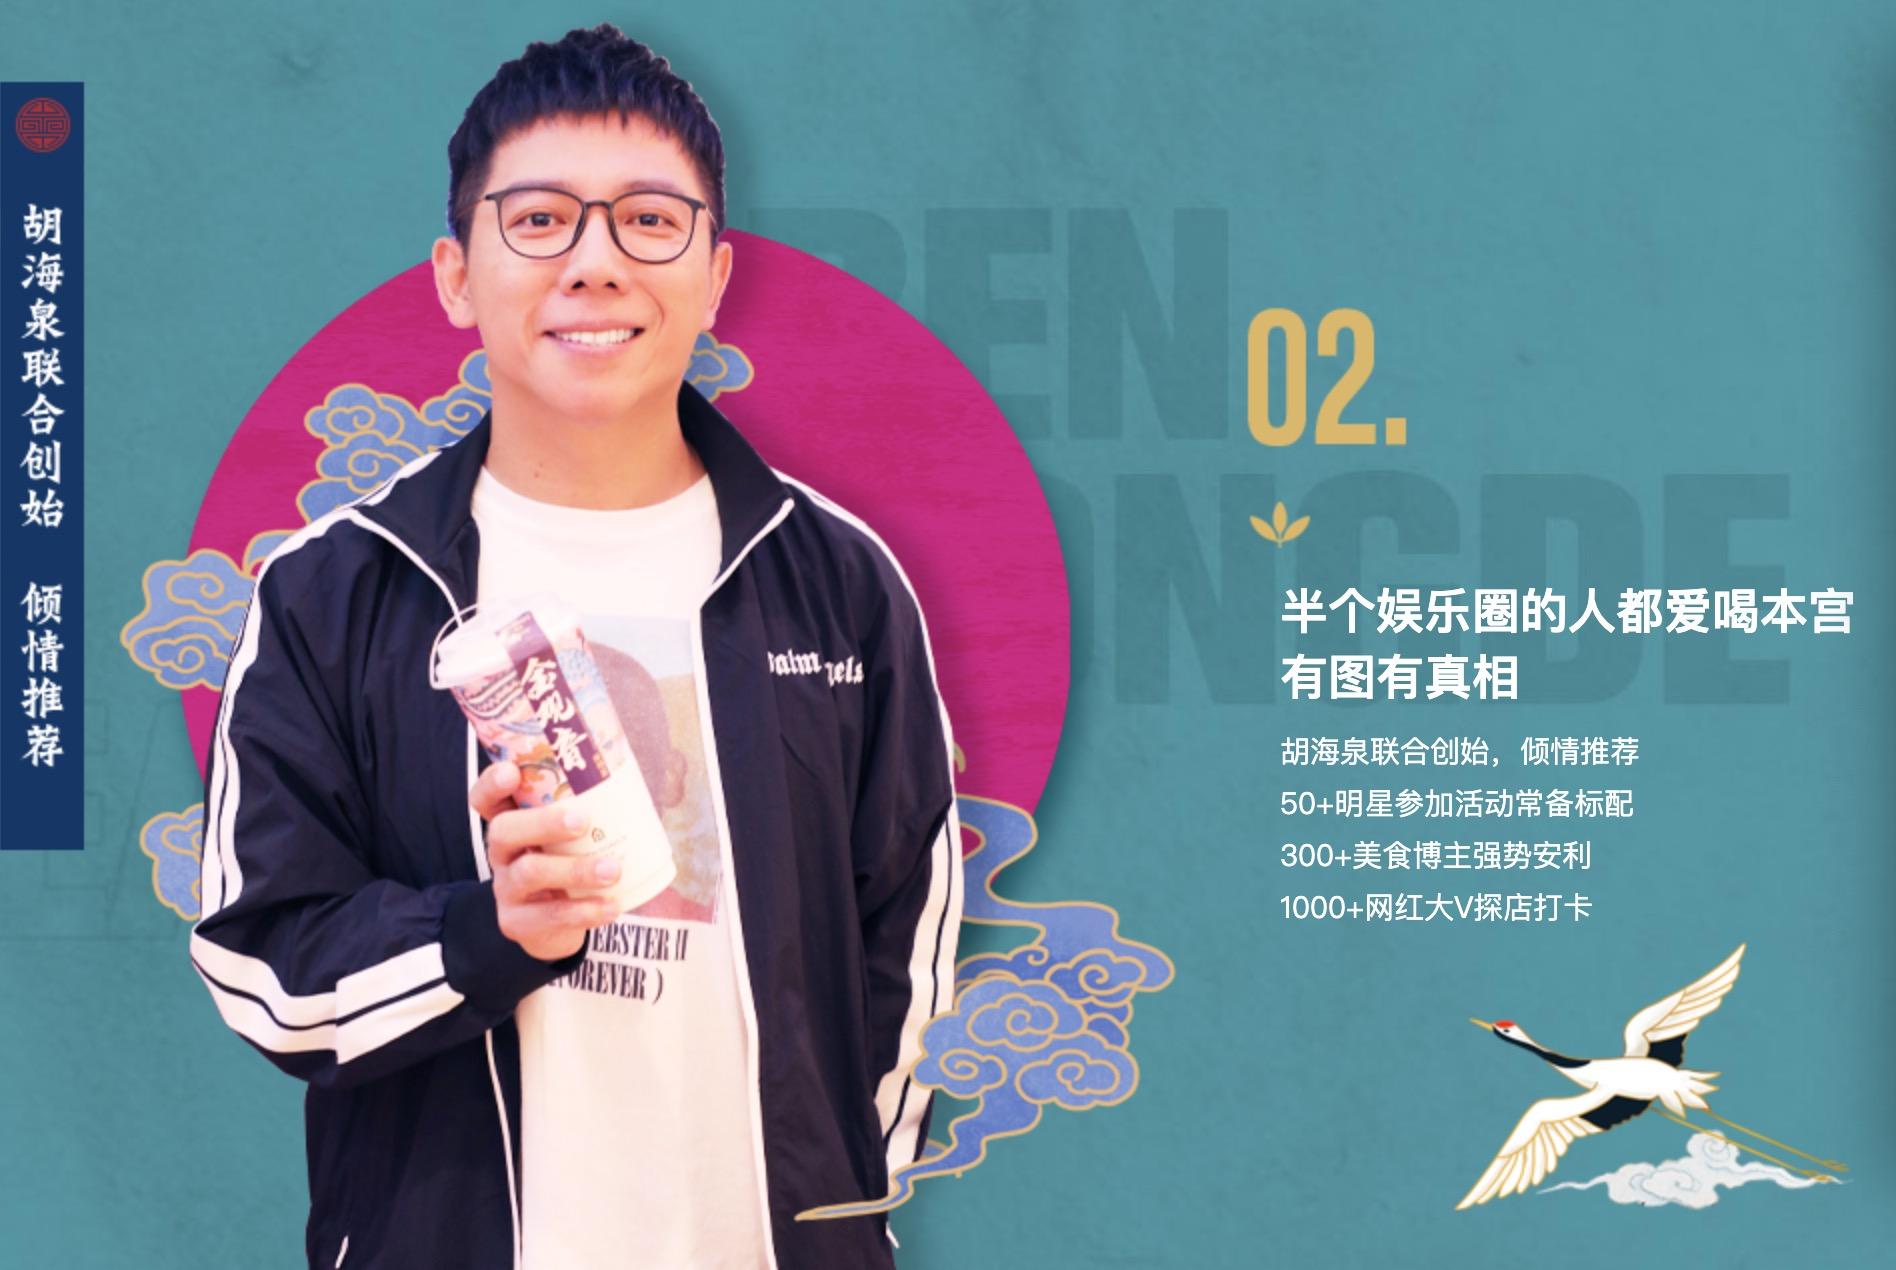 【加盟商聊真相】本宫的茶:新商场模型碰不得,新手选址千万不要急!